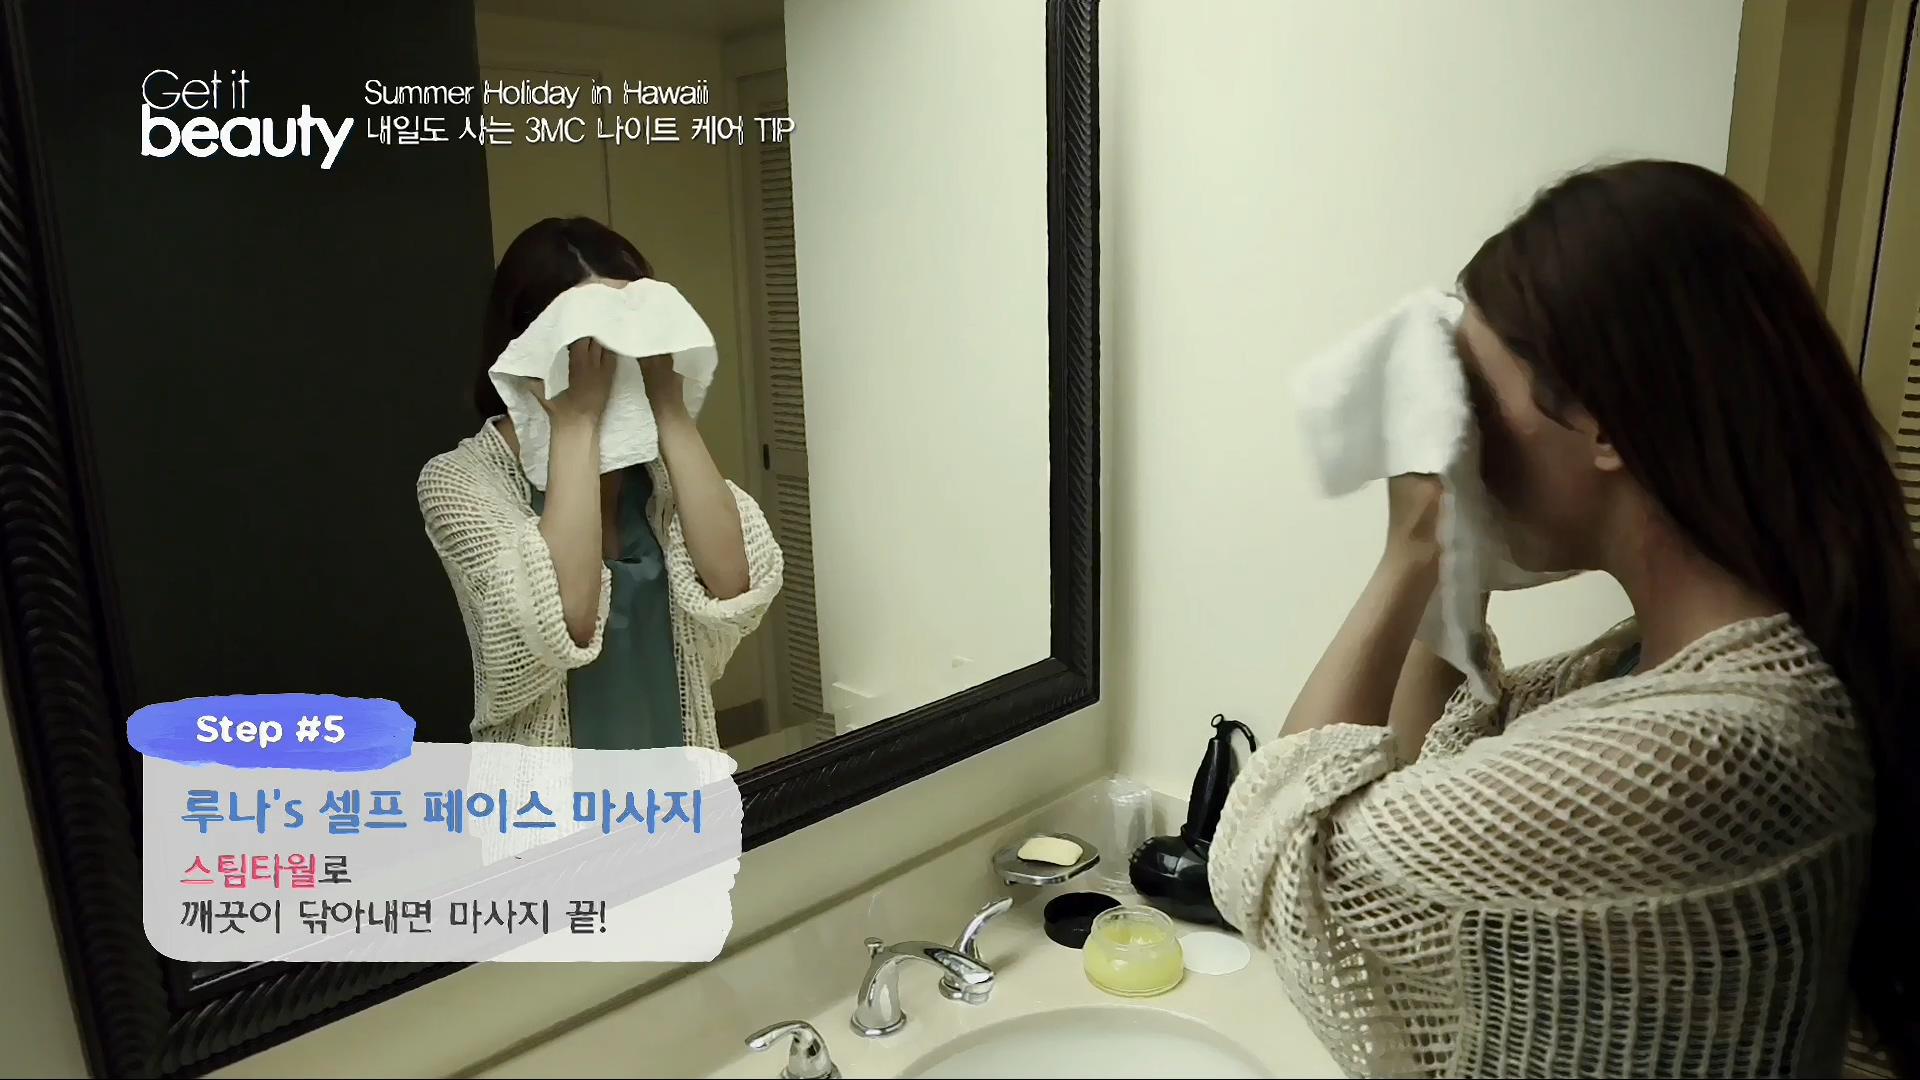 step5.셀프 페이스 마사지- 스팀타월로 깨끗이 닦아내면 마사지 끝!